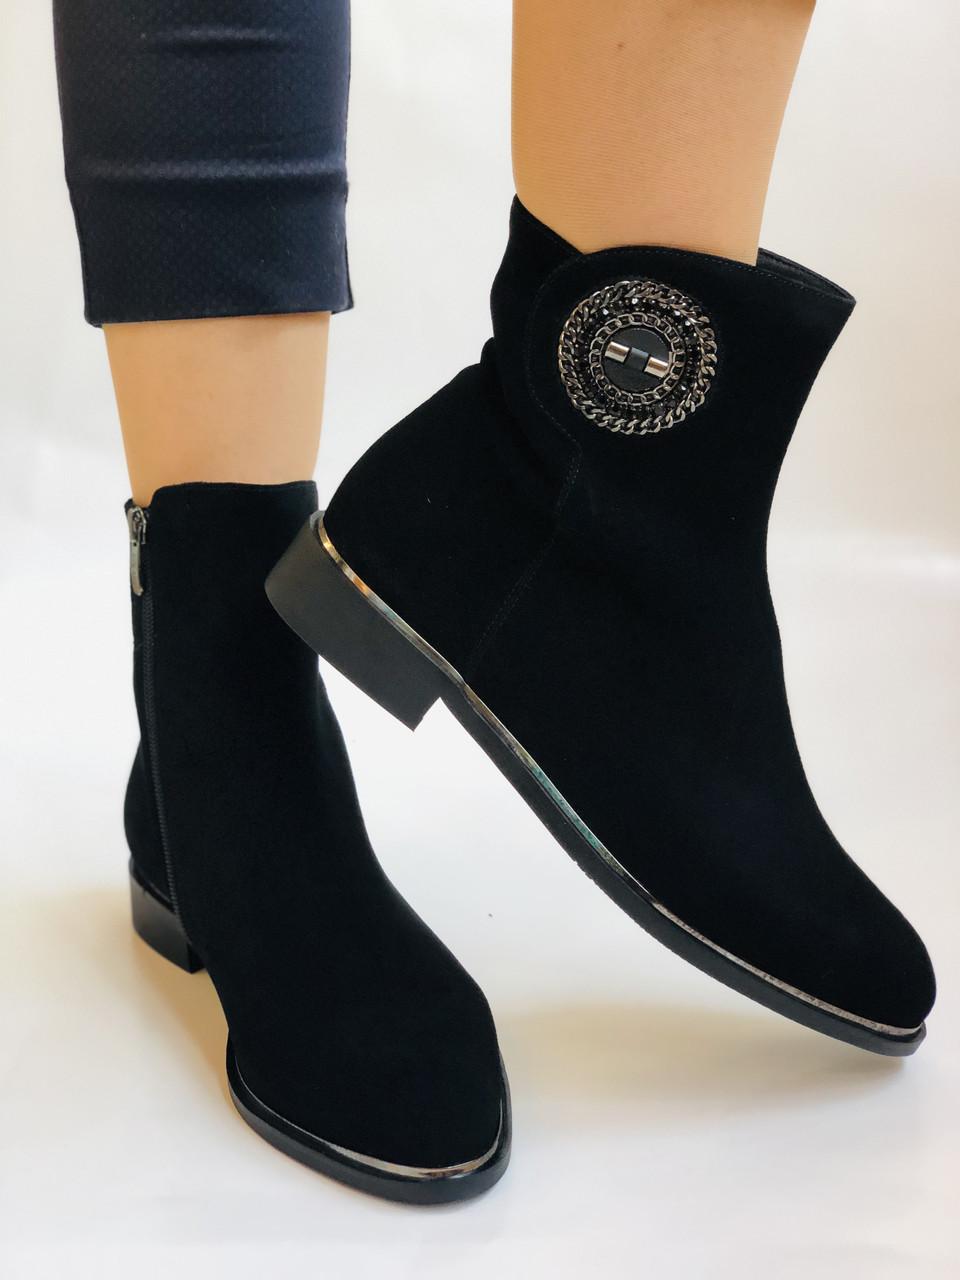 Женские ботинки. На маленьком каблуке. Натуральный замш.  Polann.  Р. 35.36.37.38.39  Vellena